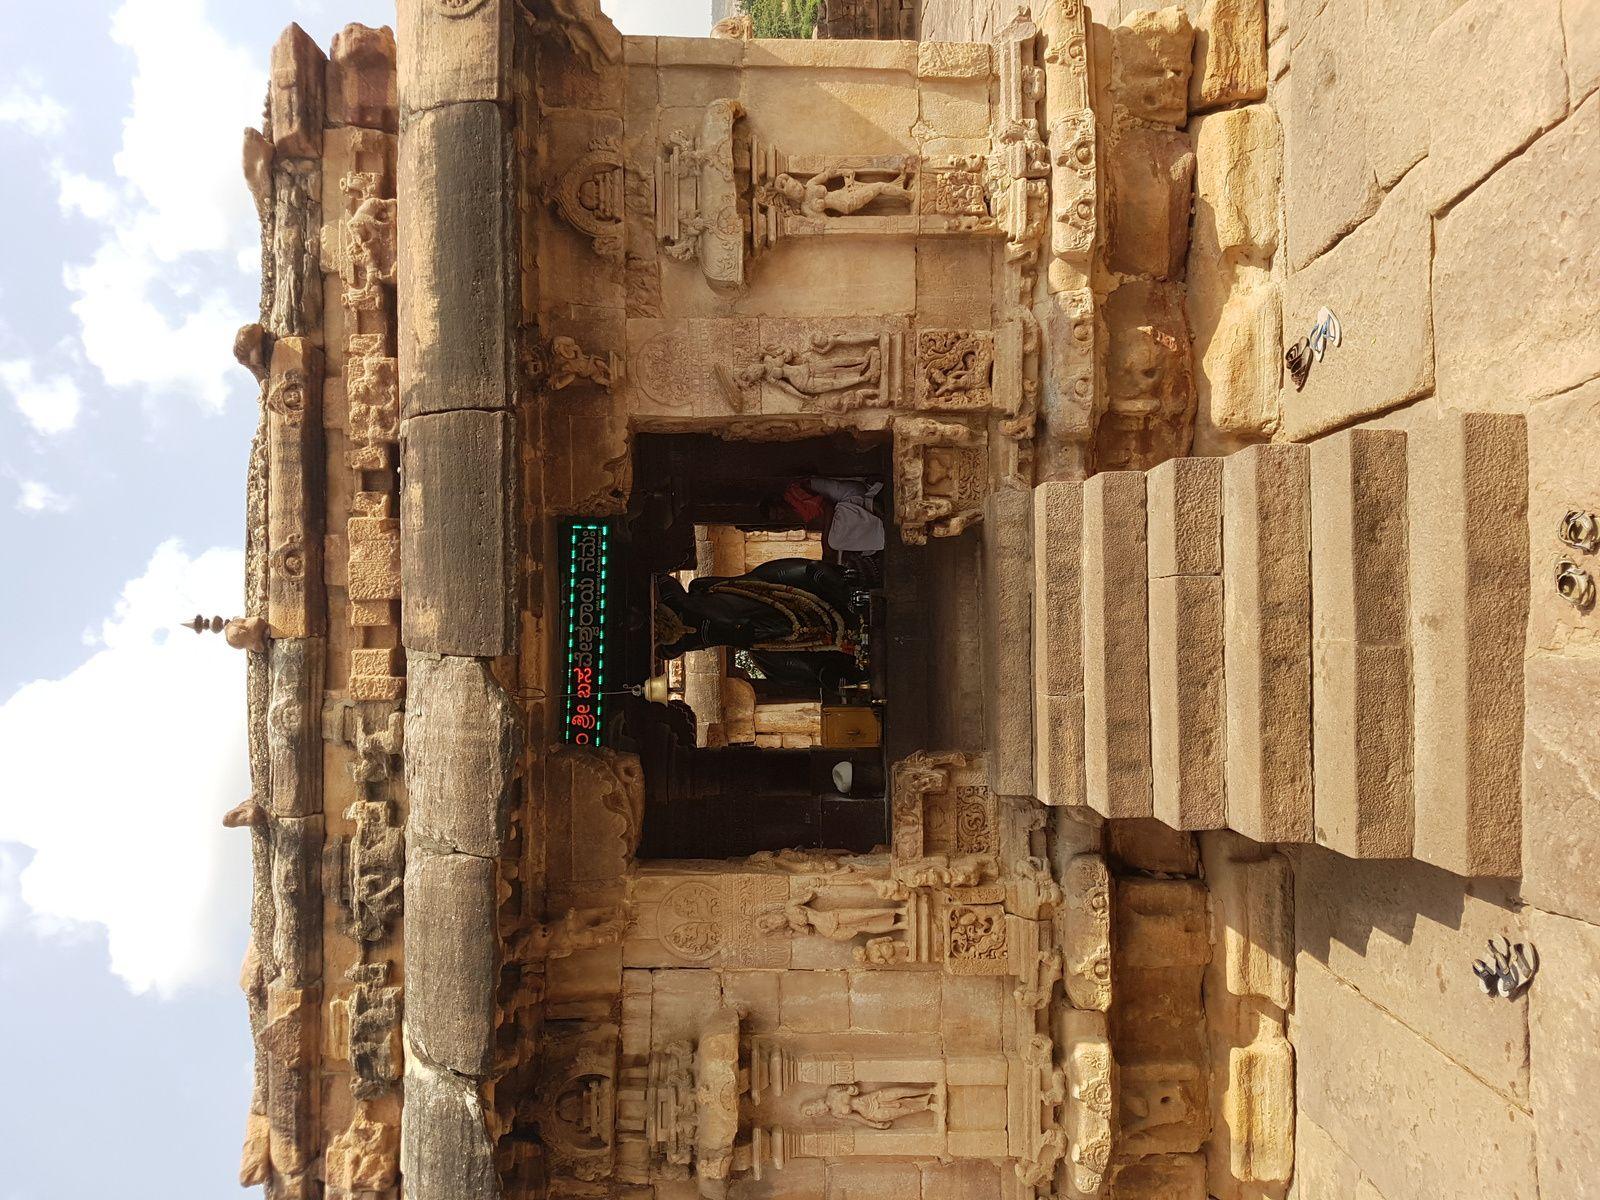 Nous quittons ce sanctuaire de NANDI, et face à nous un porche pour rentrer dans le sanctuaire de VIRUPAKSHA